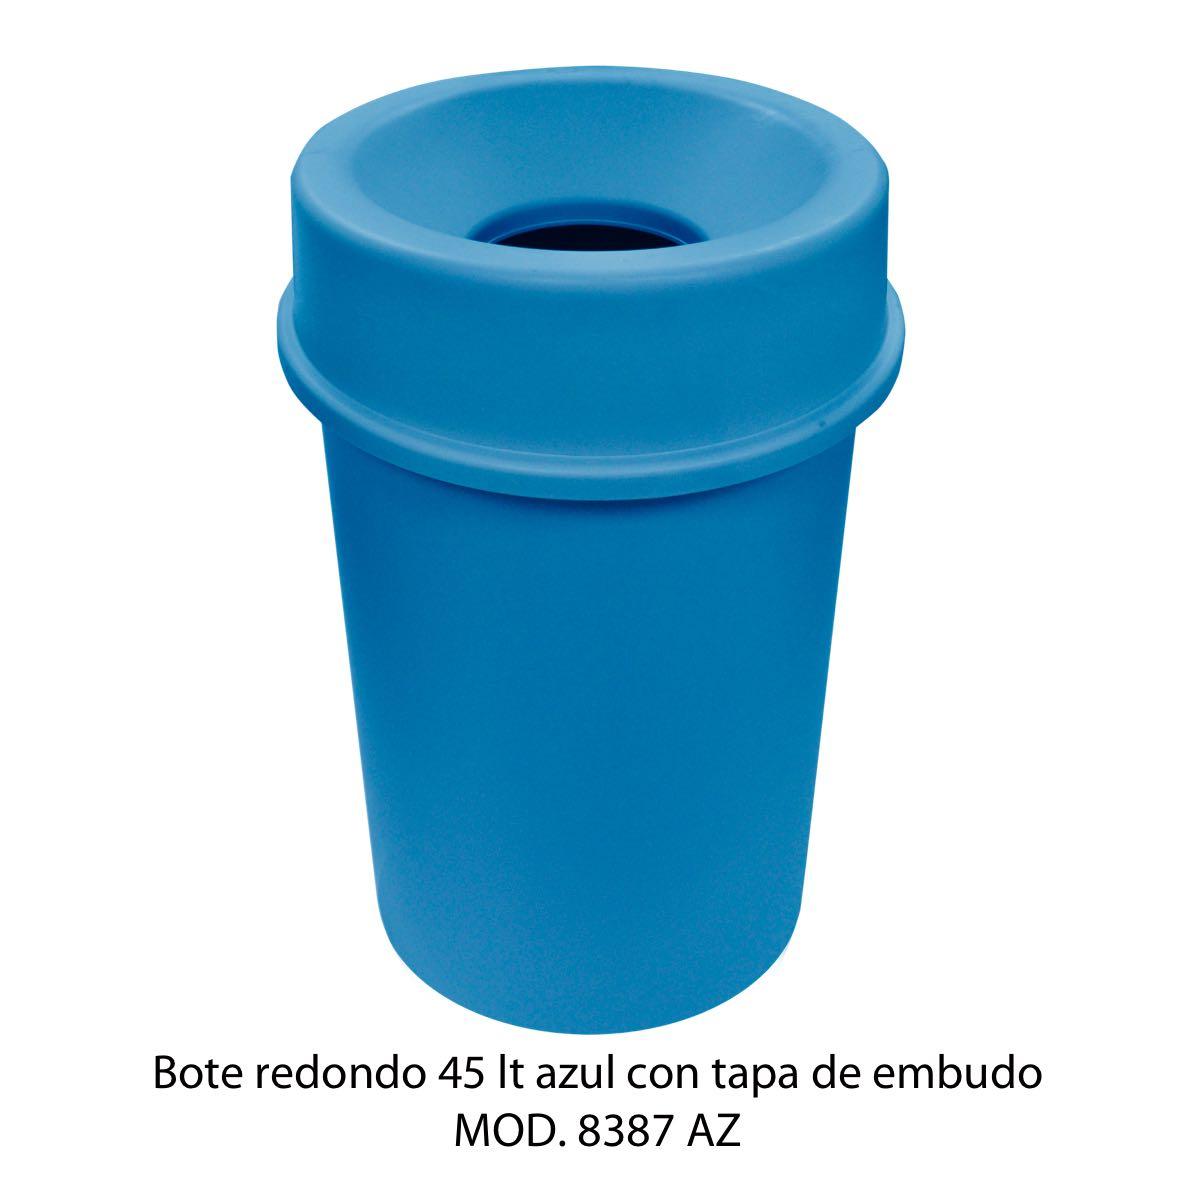 Bote de basura redondo 45 litros con tapa de embudo color azul modelo 8387 AZ Sablón